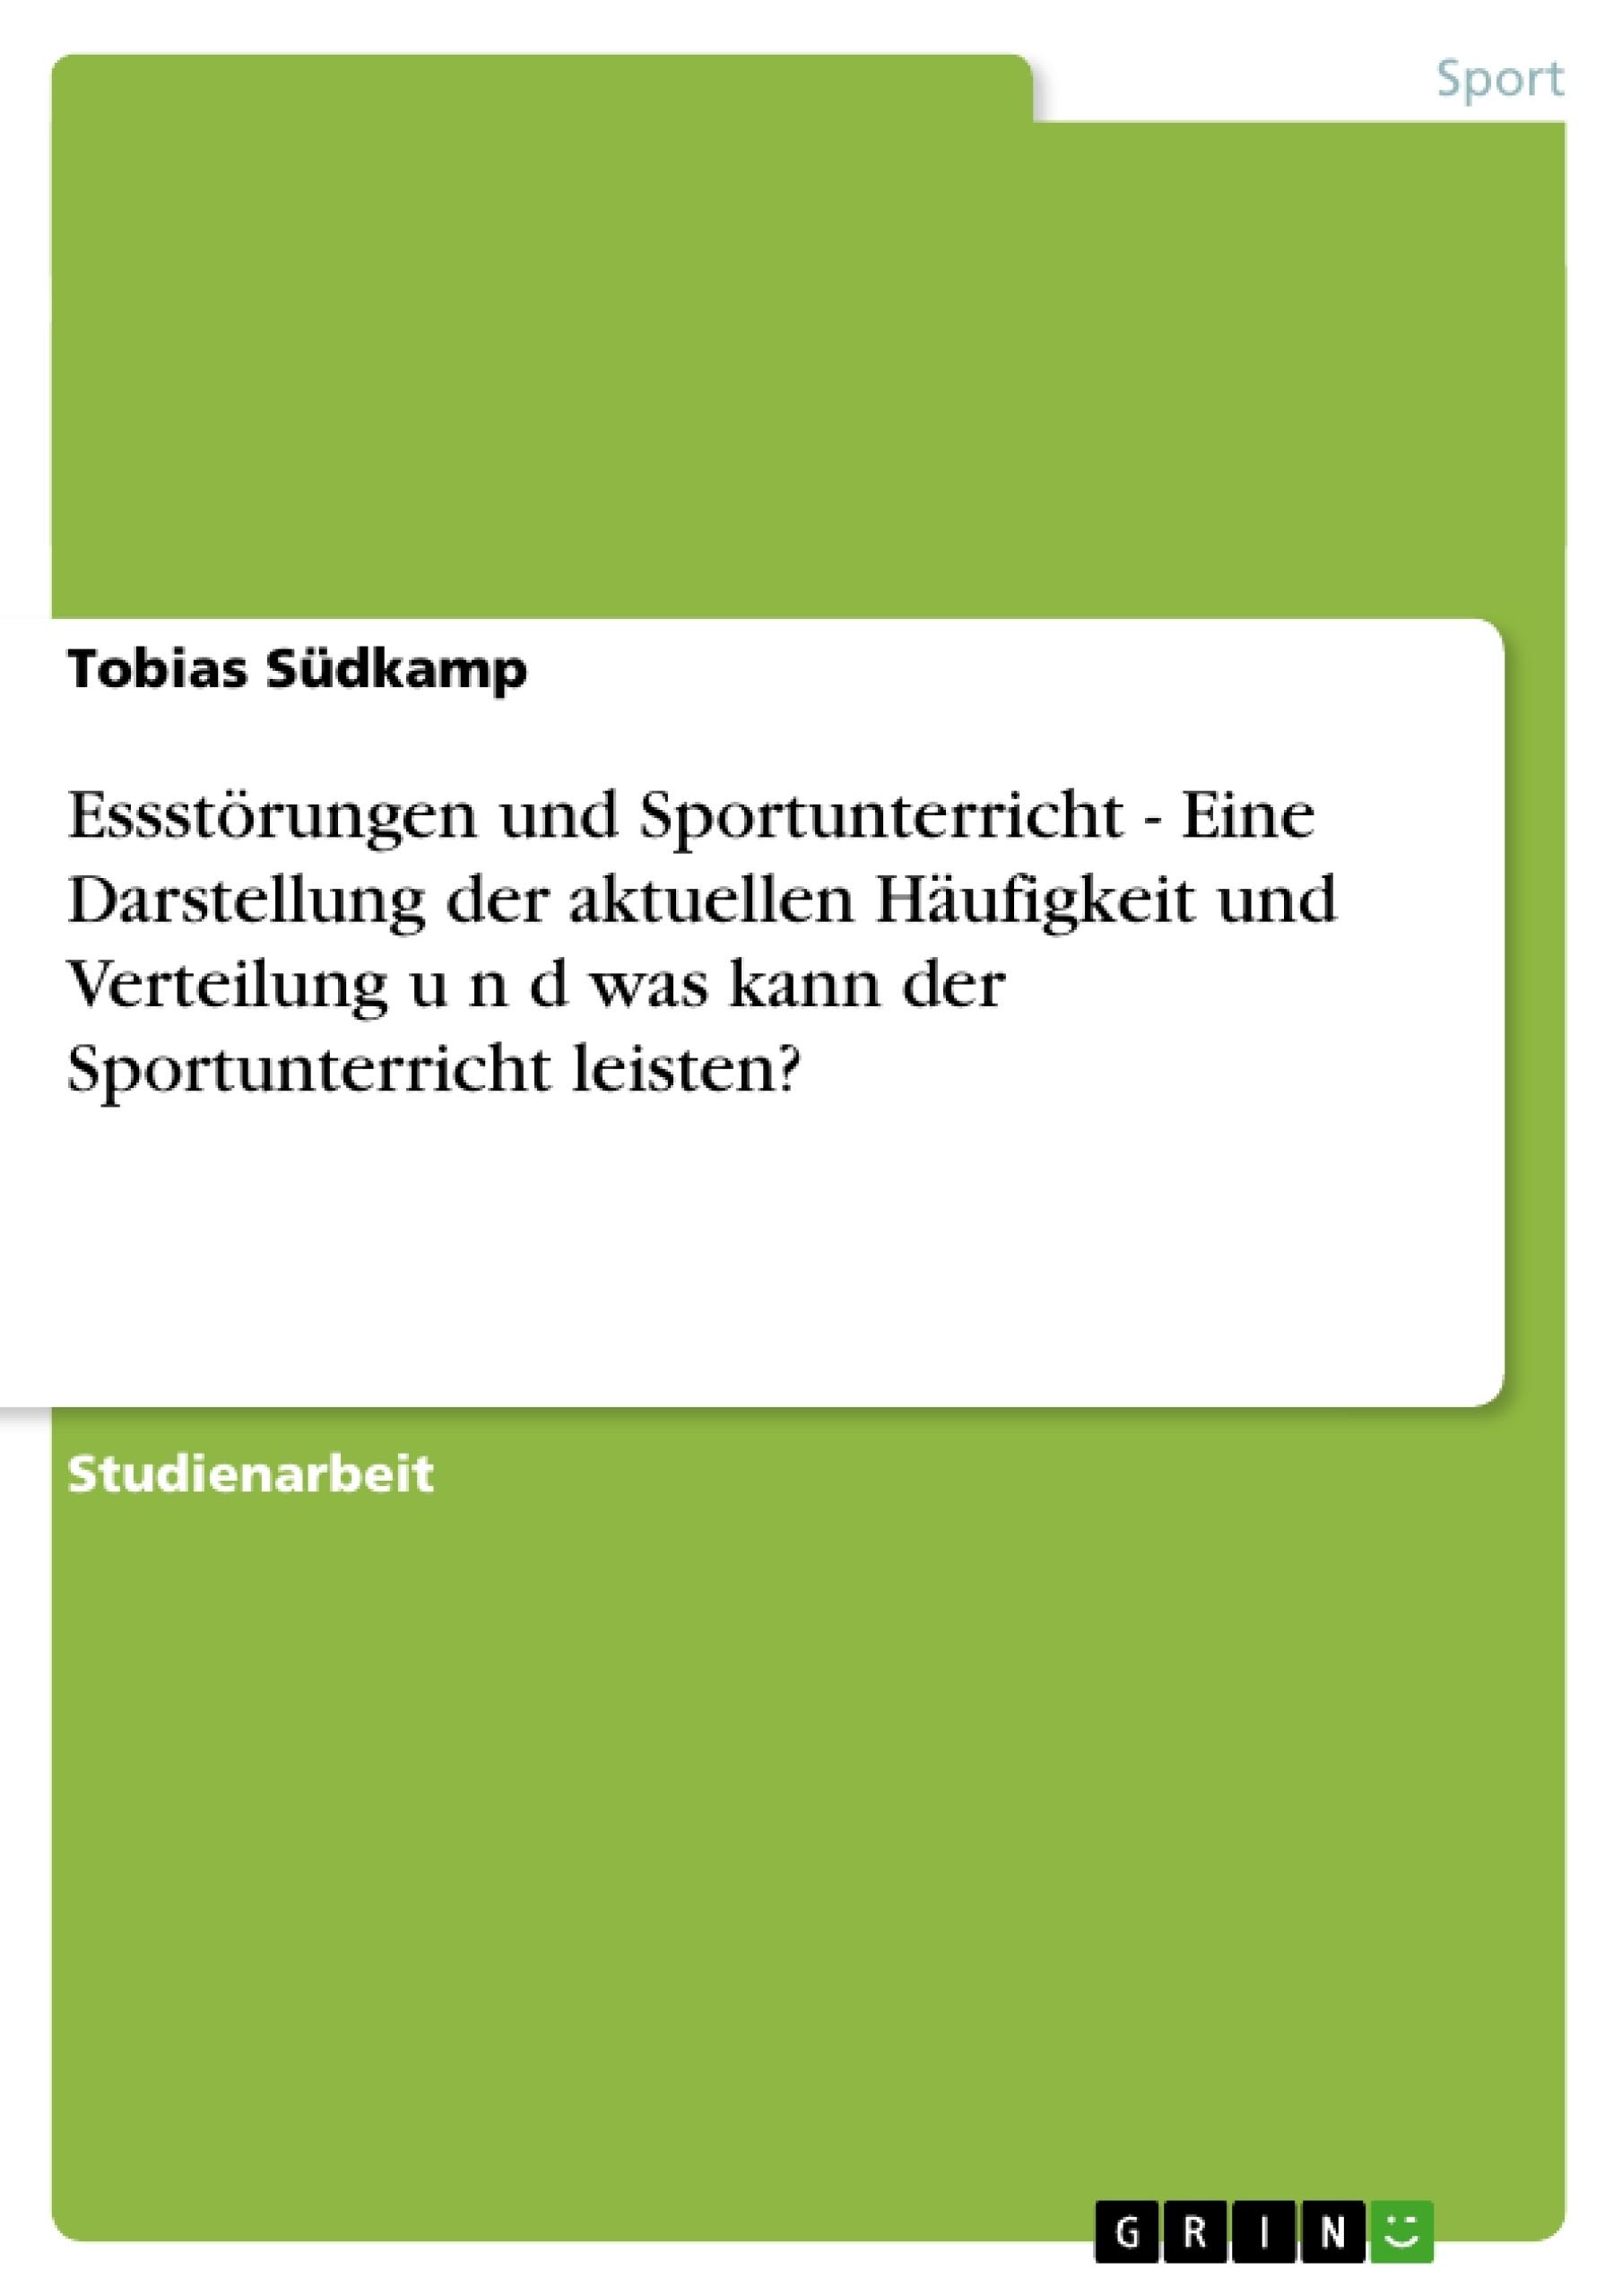 Titel: Essstörungen und Sportunterricht - Eine Darstellung der aktuellen Häufigkeit und Verteilung  u n d  was kann der Sportunterricht leisten?